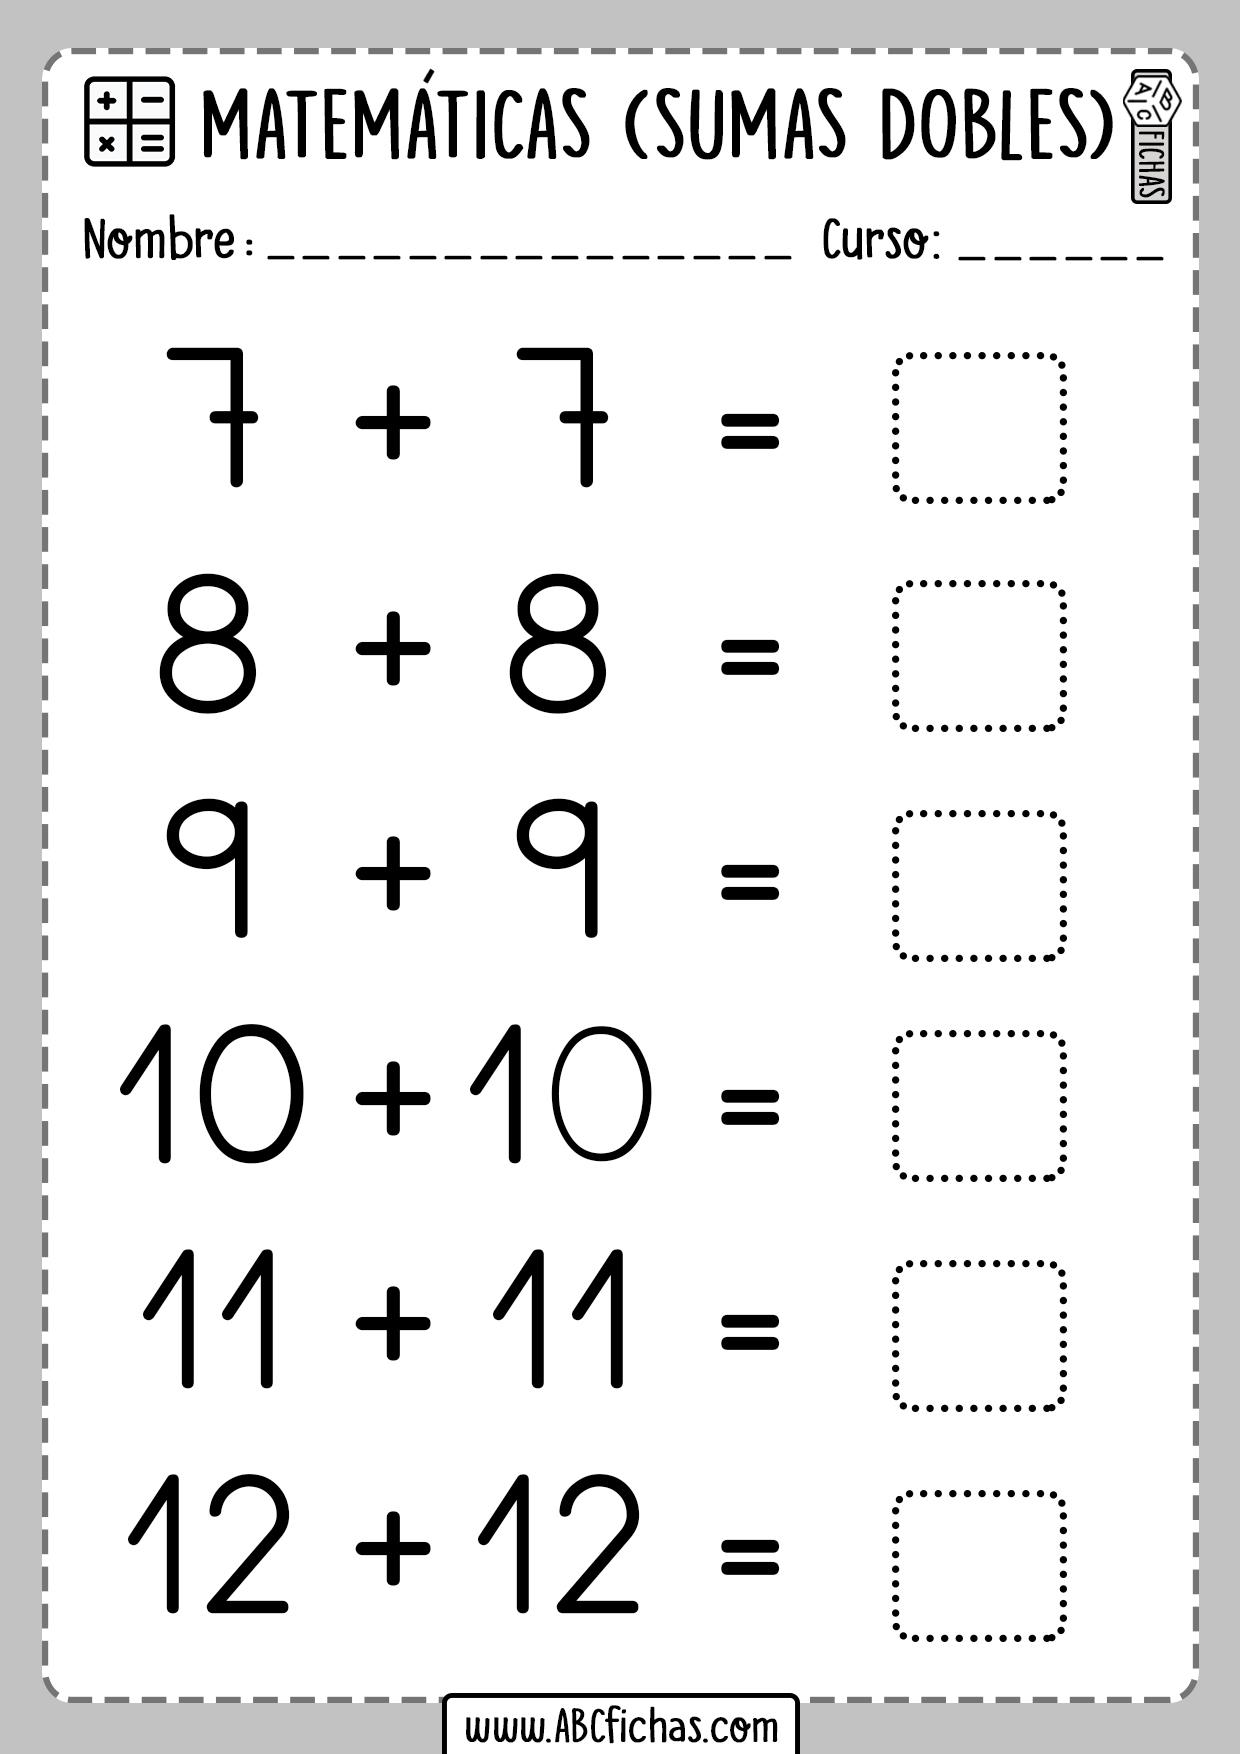 Sumas Dobles Matematicas